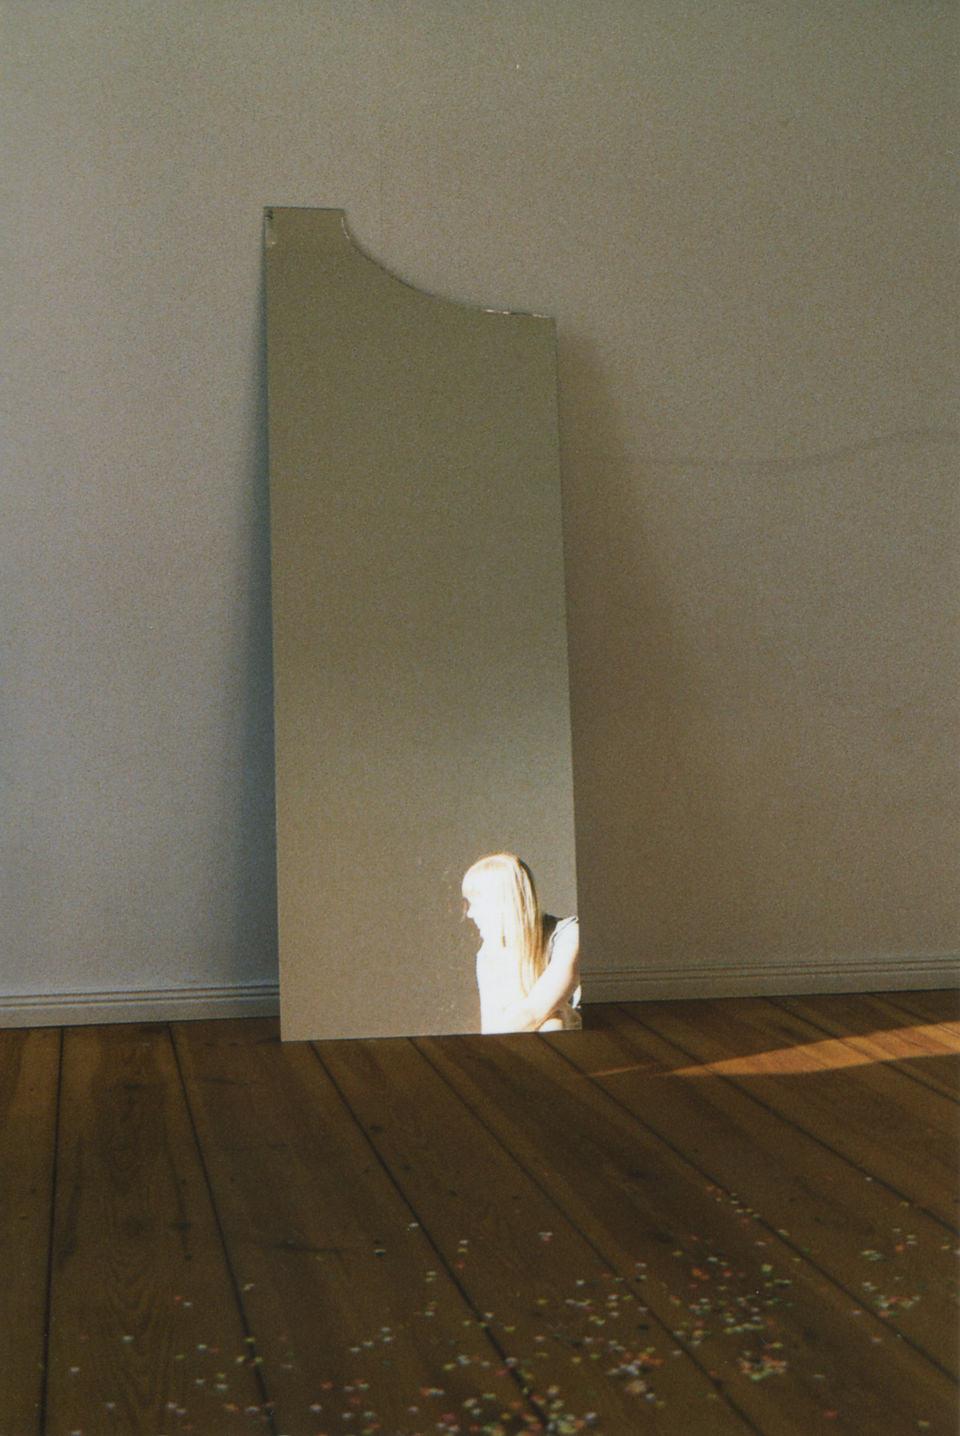 Eine Wand, ein Spiegel und eine recht helle Frau.